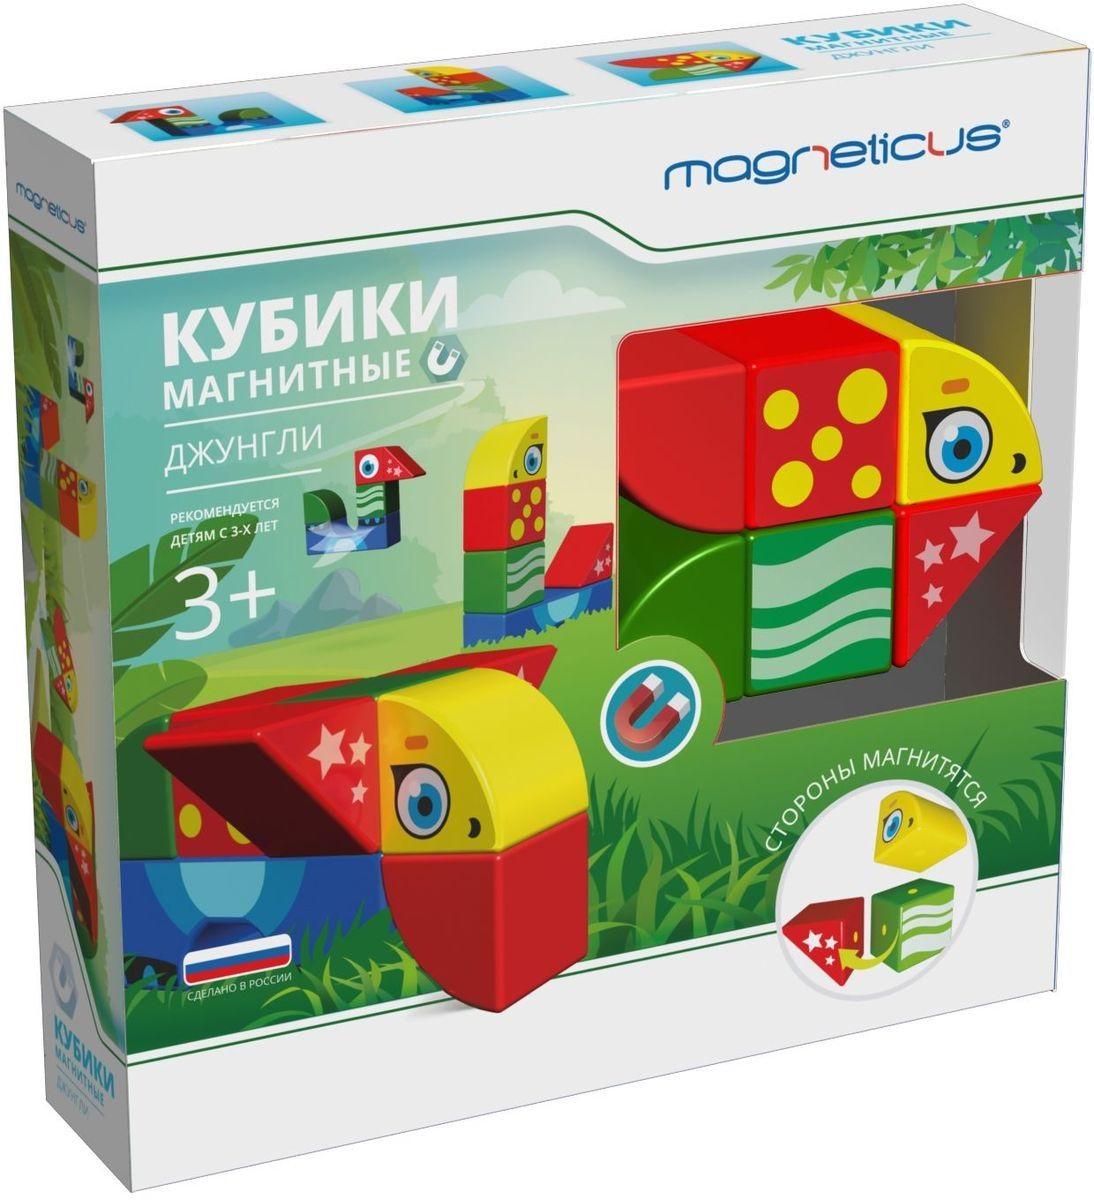 Магнитные кубики Magneticus ДжунглиКубики<br>Магнитные кубики Magneticus Джунгли<br>